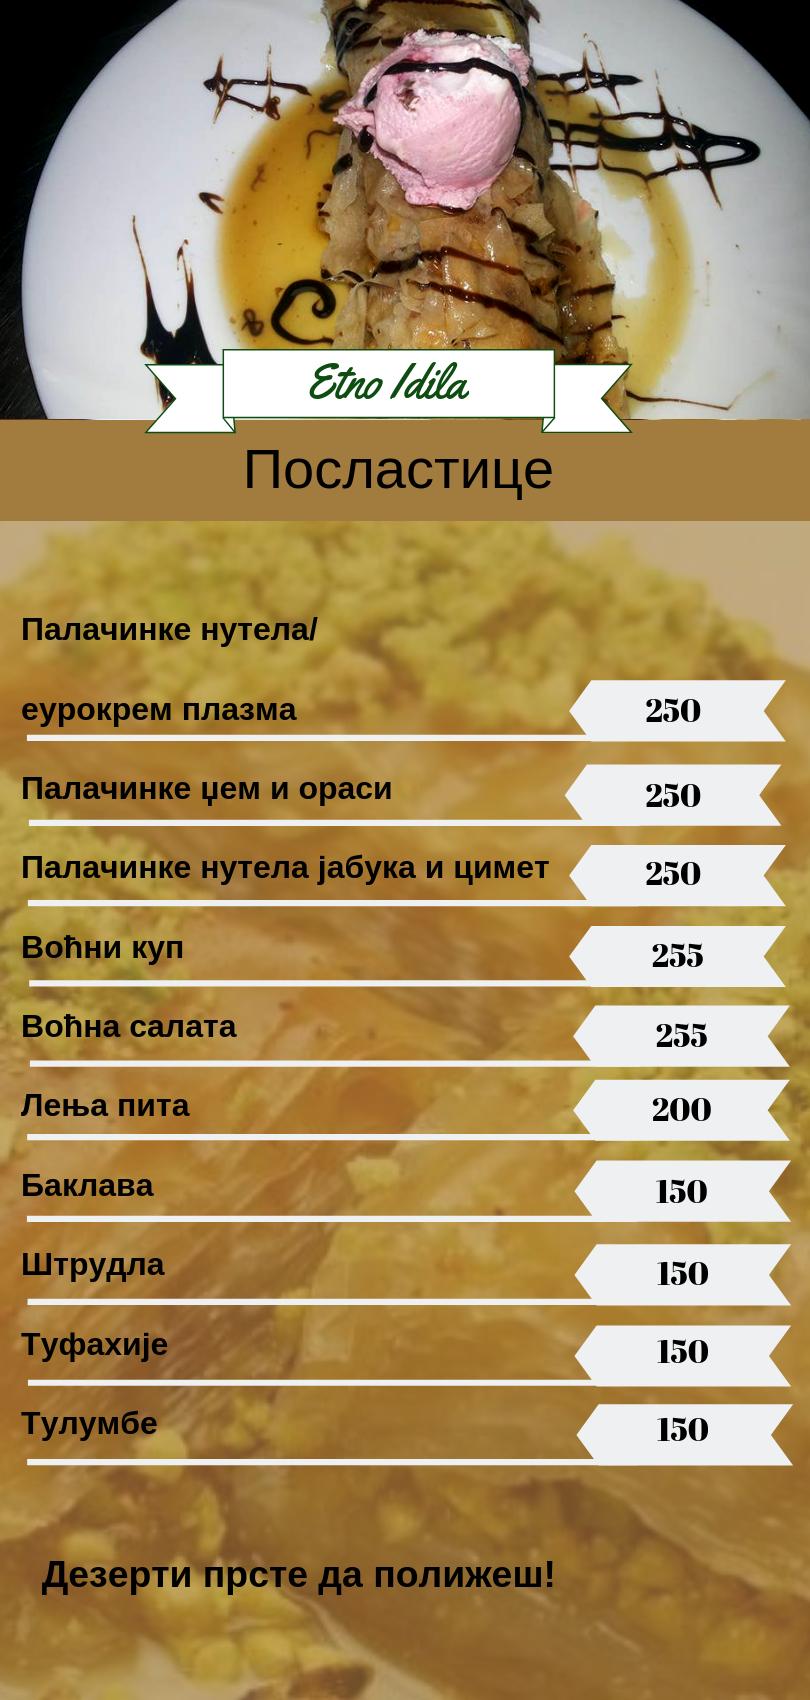 etno idila hrana(5)